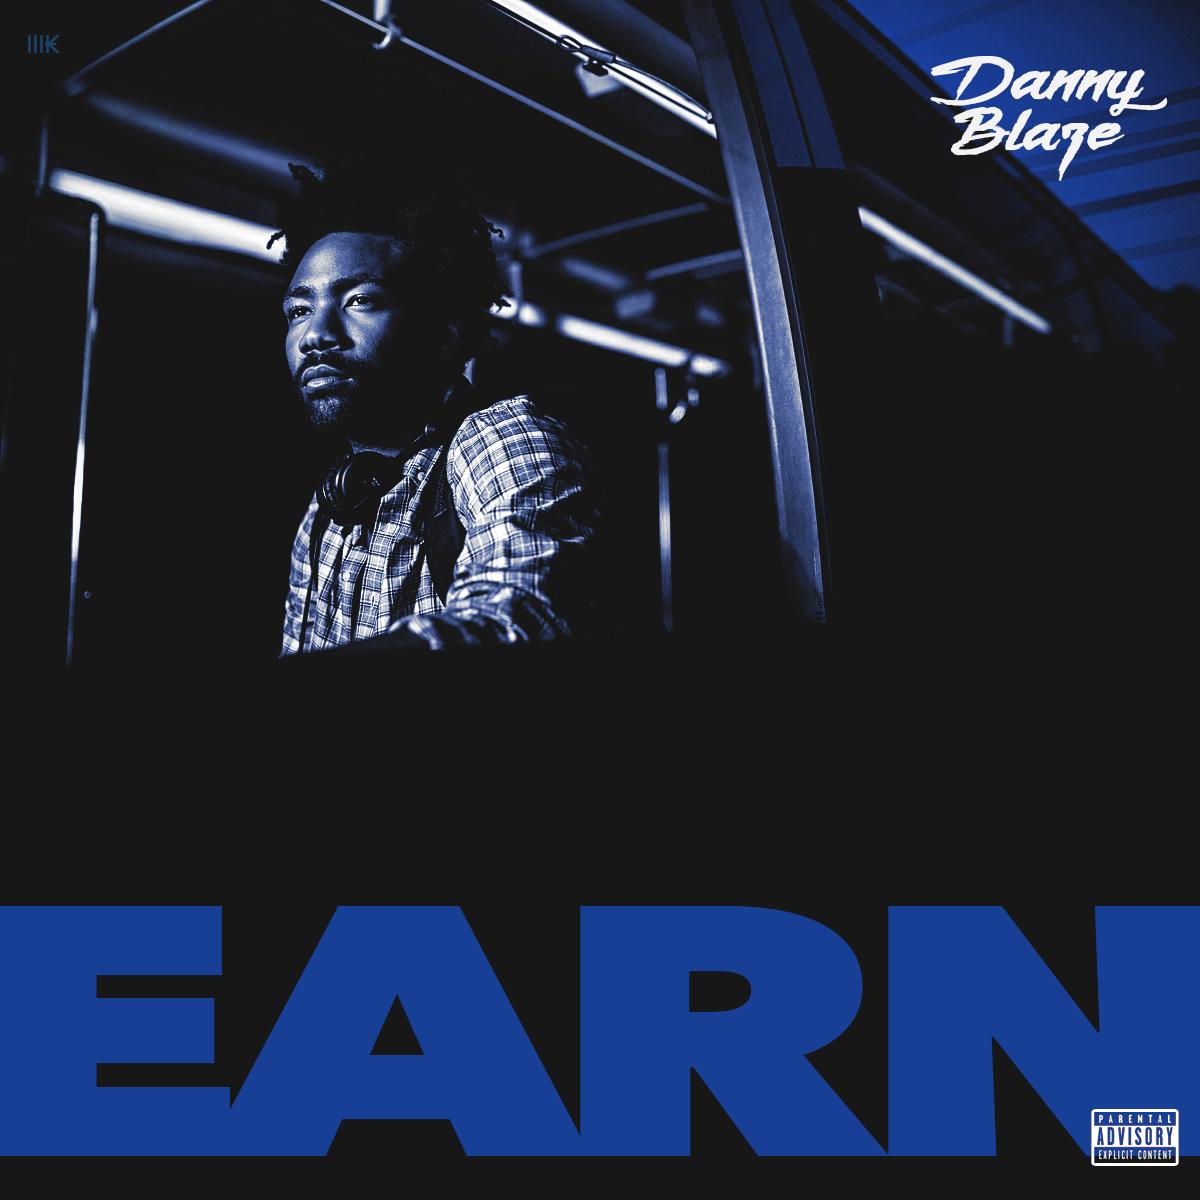 Danny Blaze - Earn.png